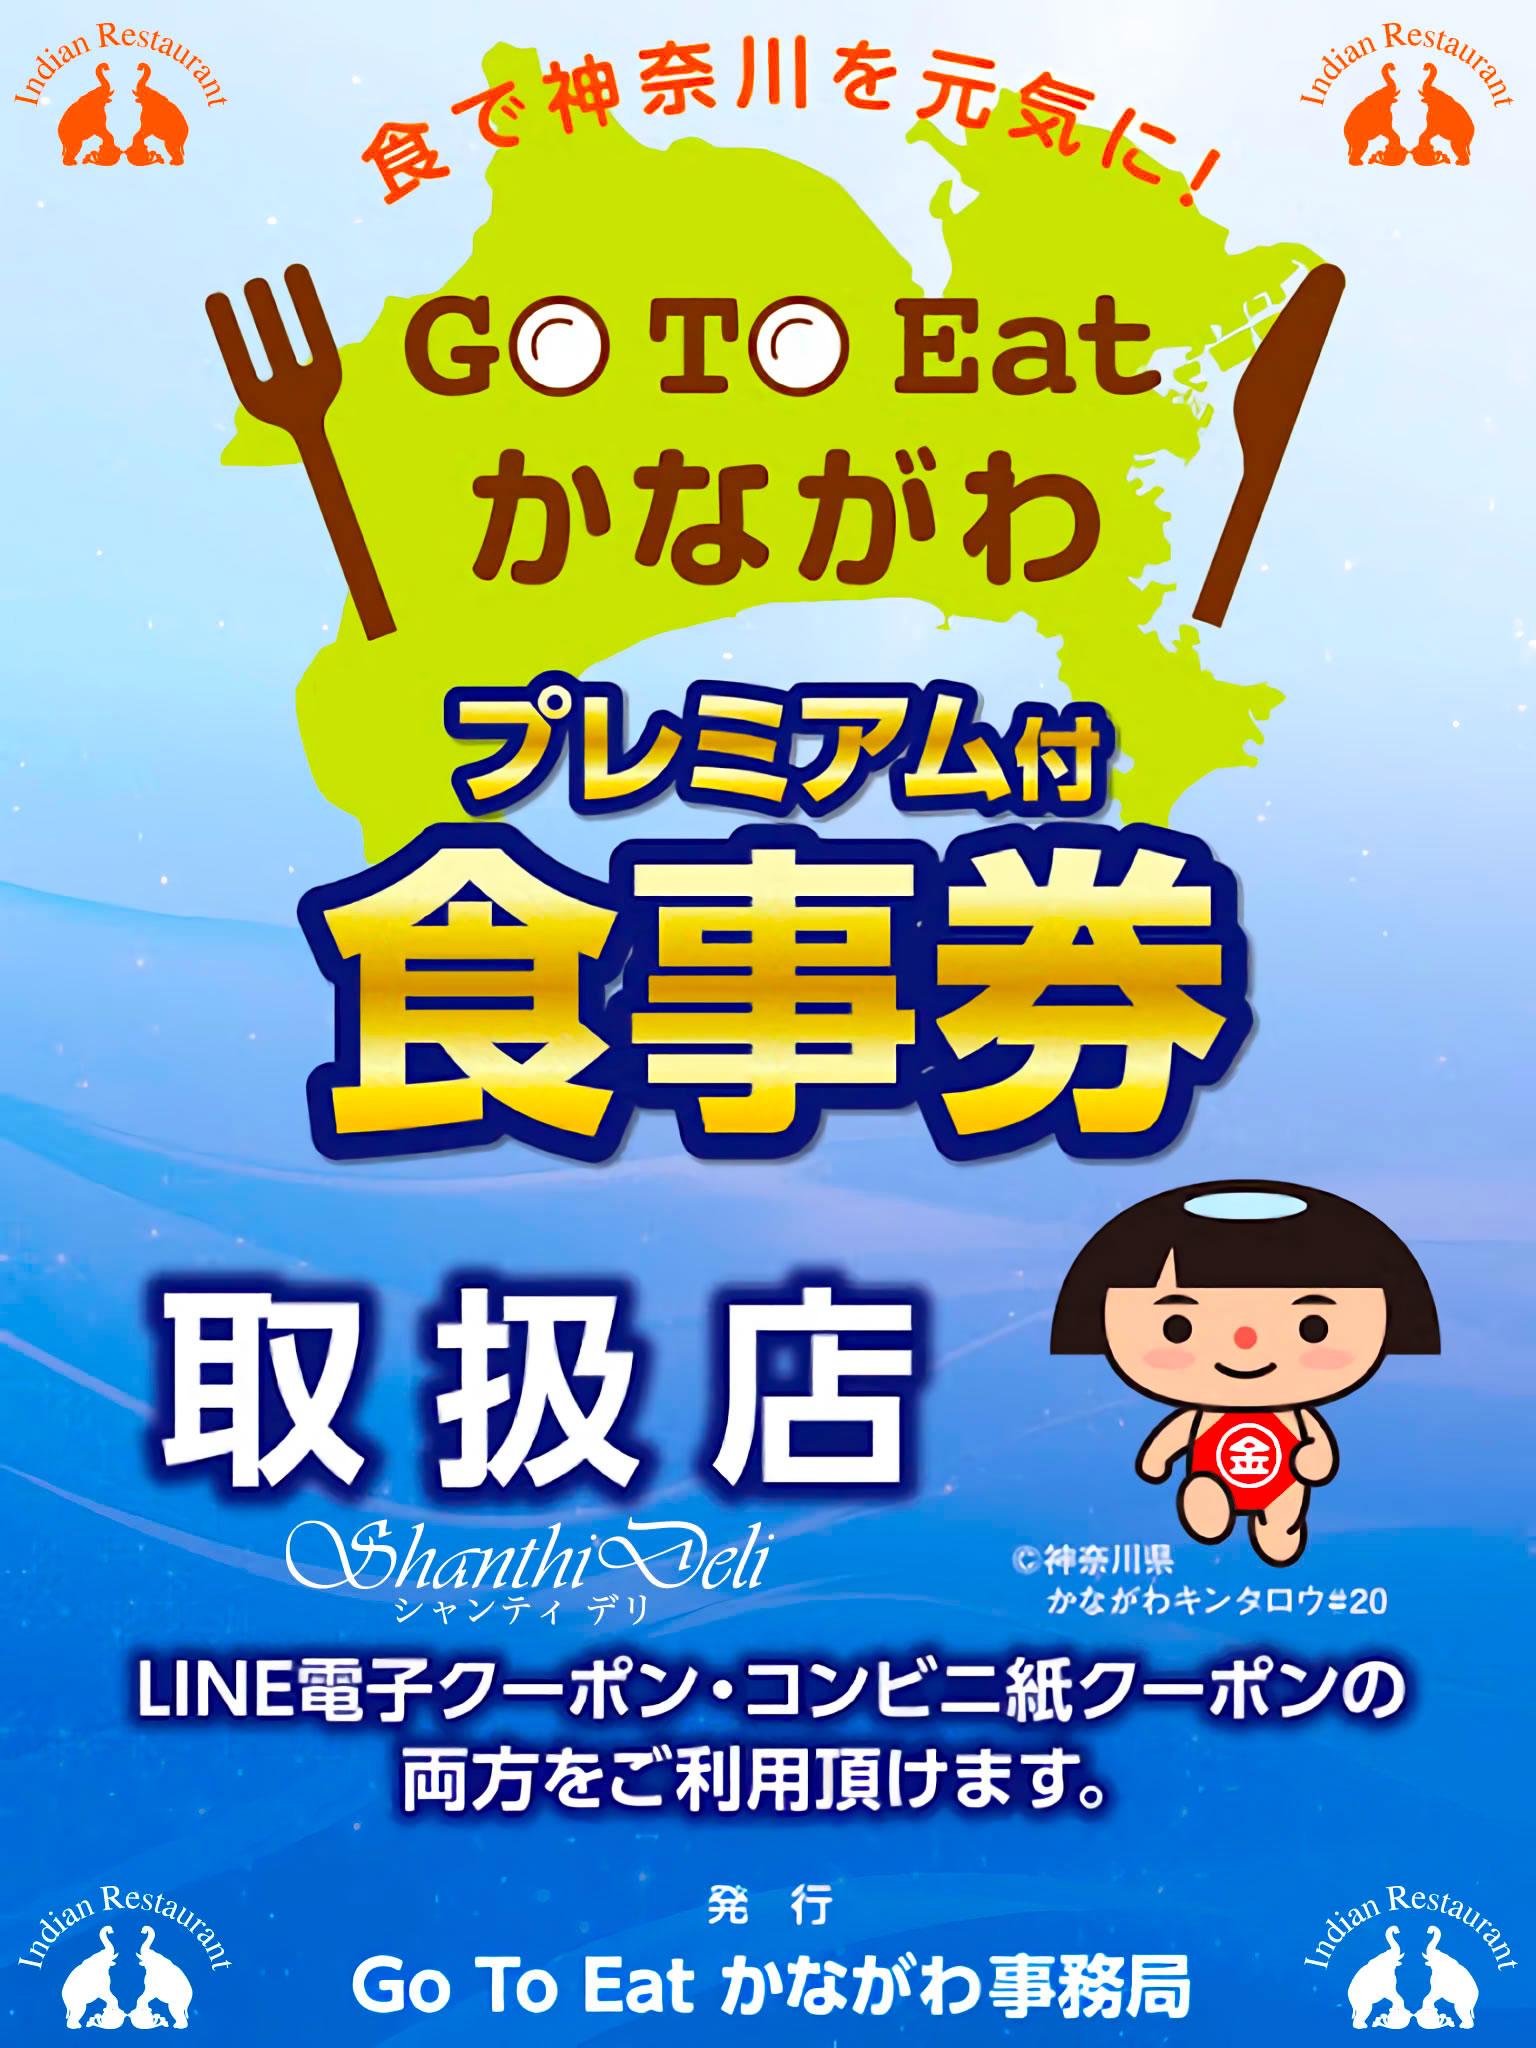 go to eat, go to,gotoeat,kanagawa,yokohama,横浜,デリバリー,カレー